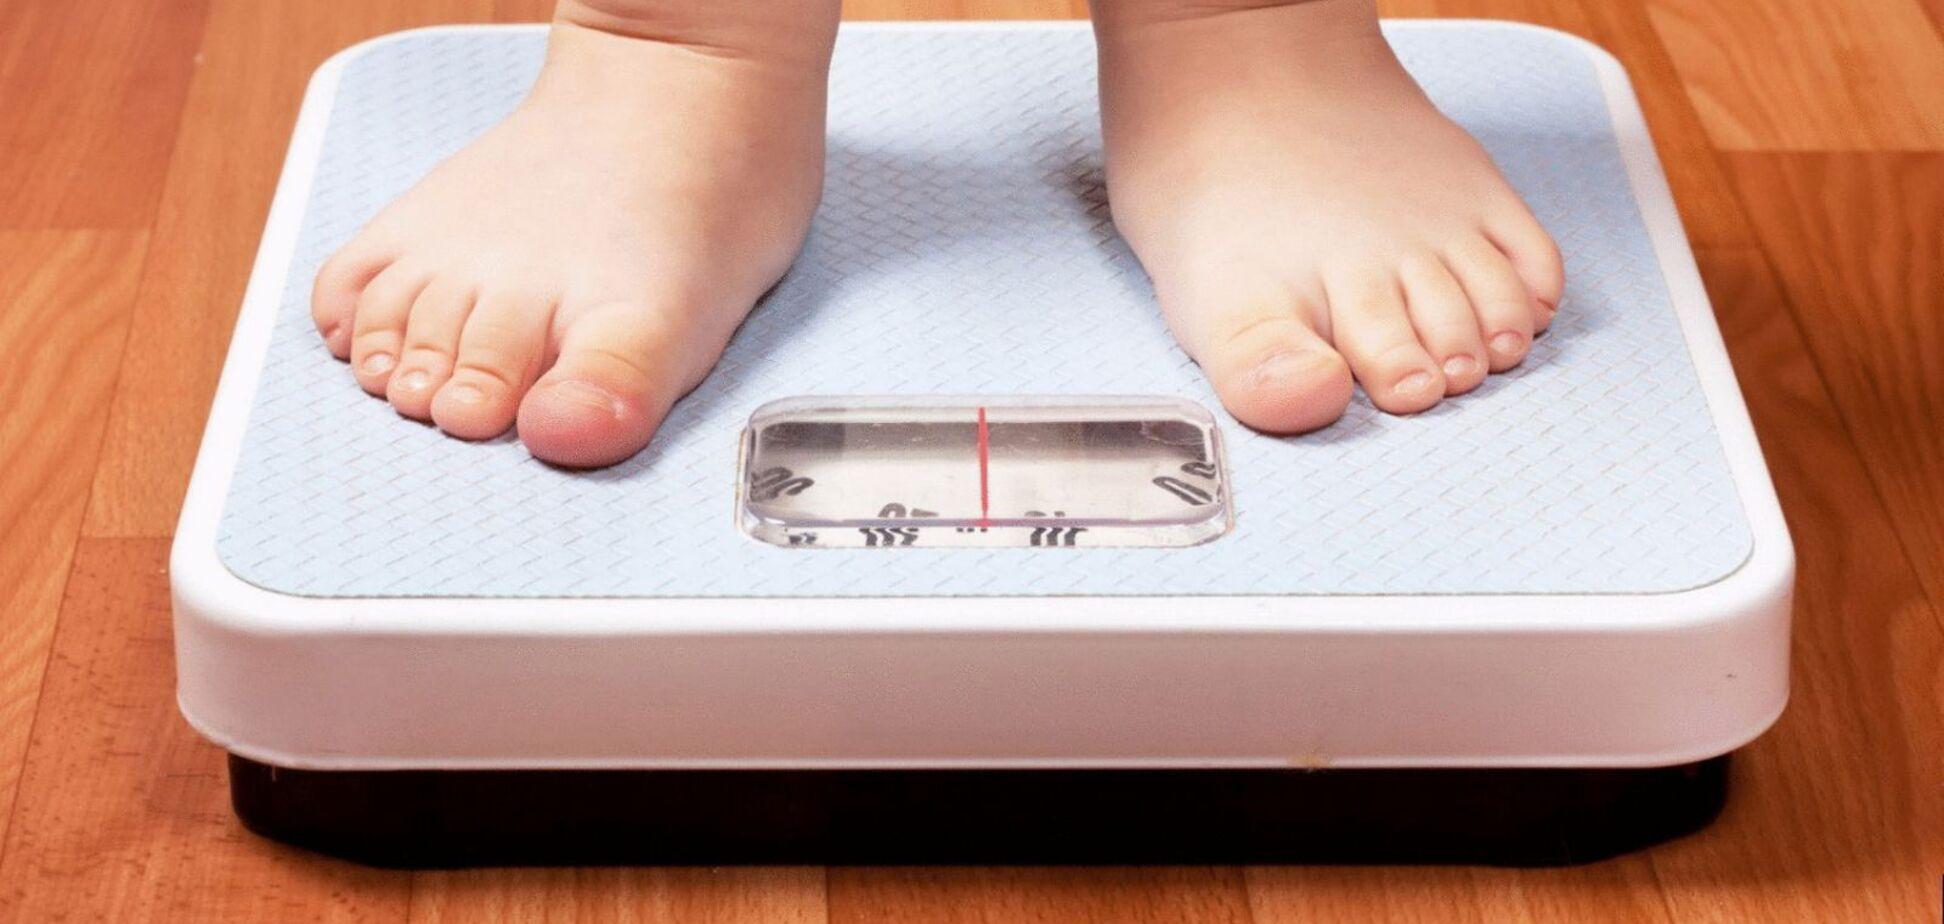 Звідки береться зайва вага: вчені зробили нове відкриття